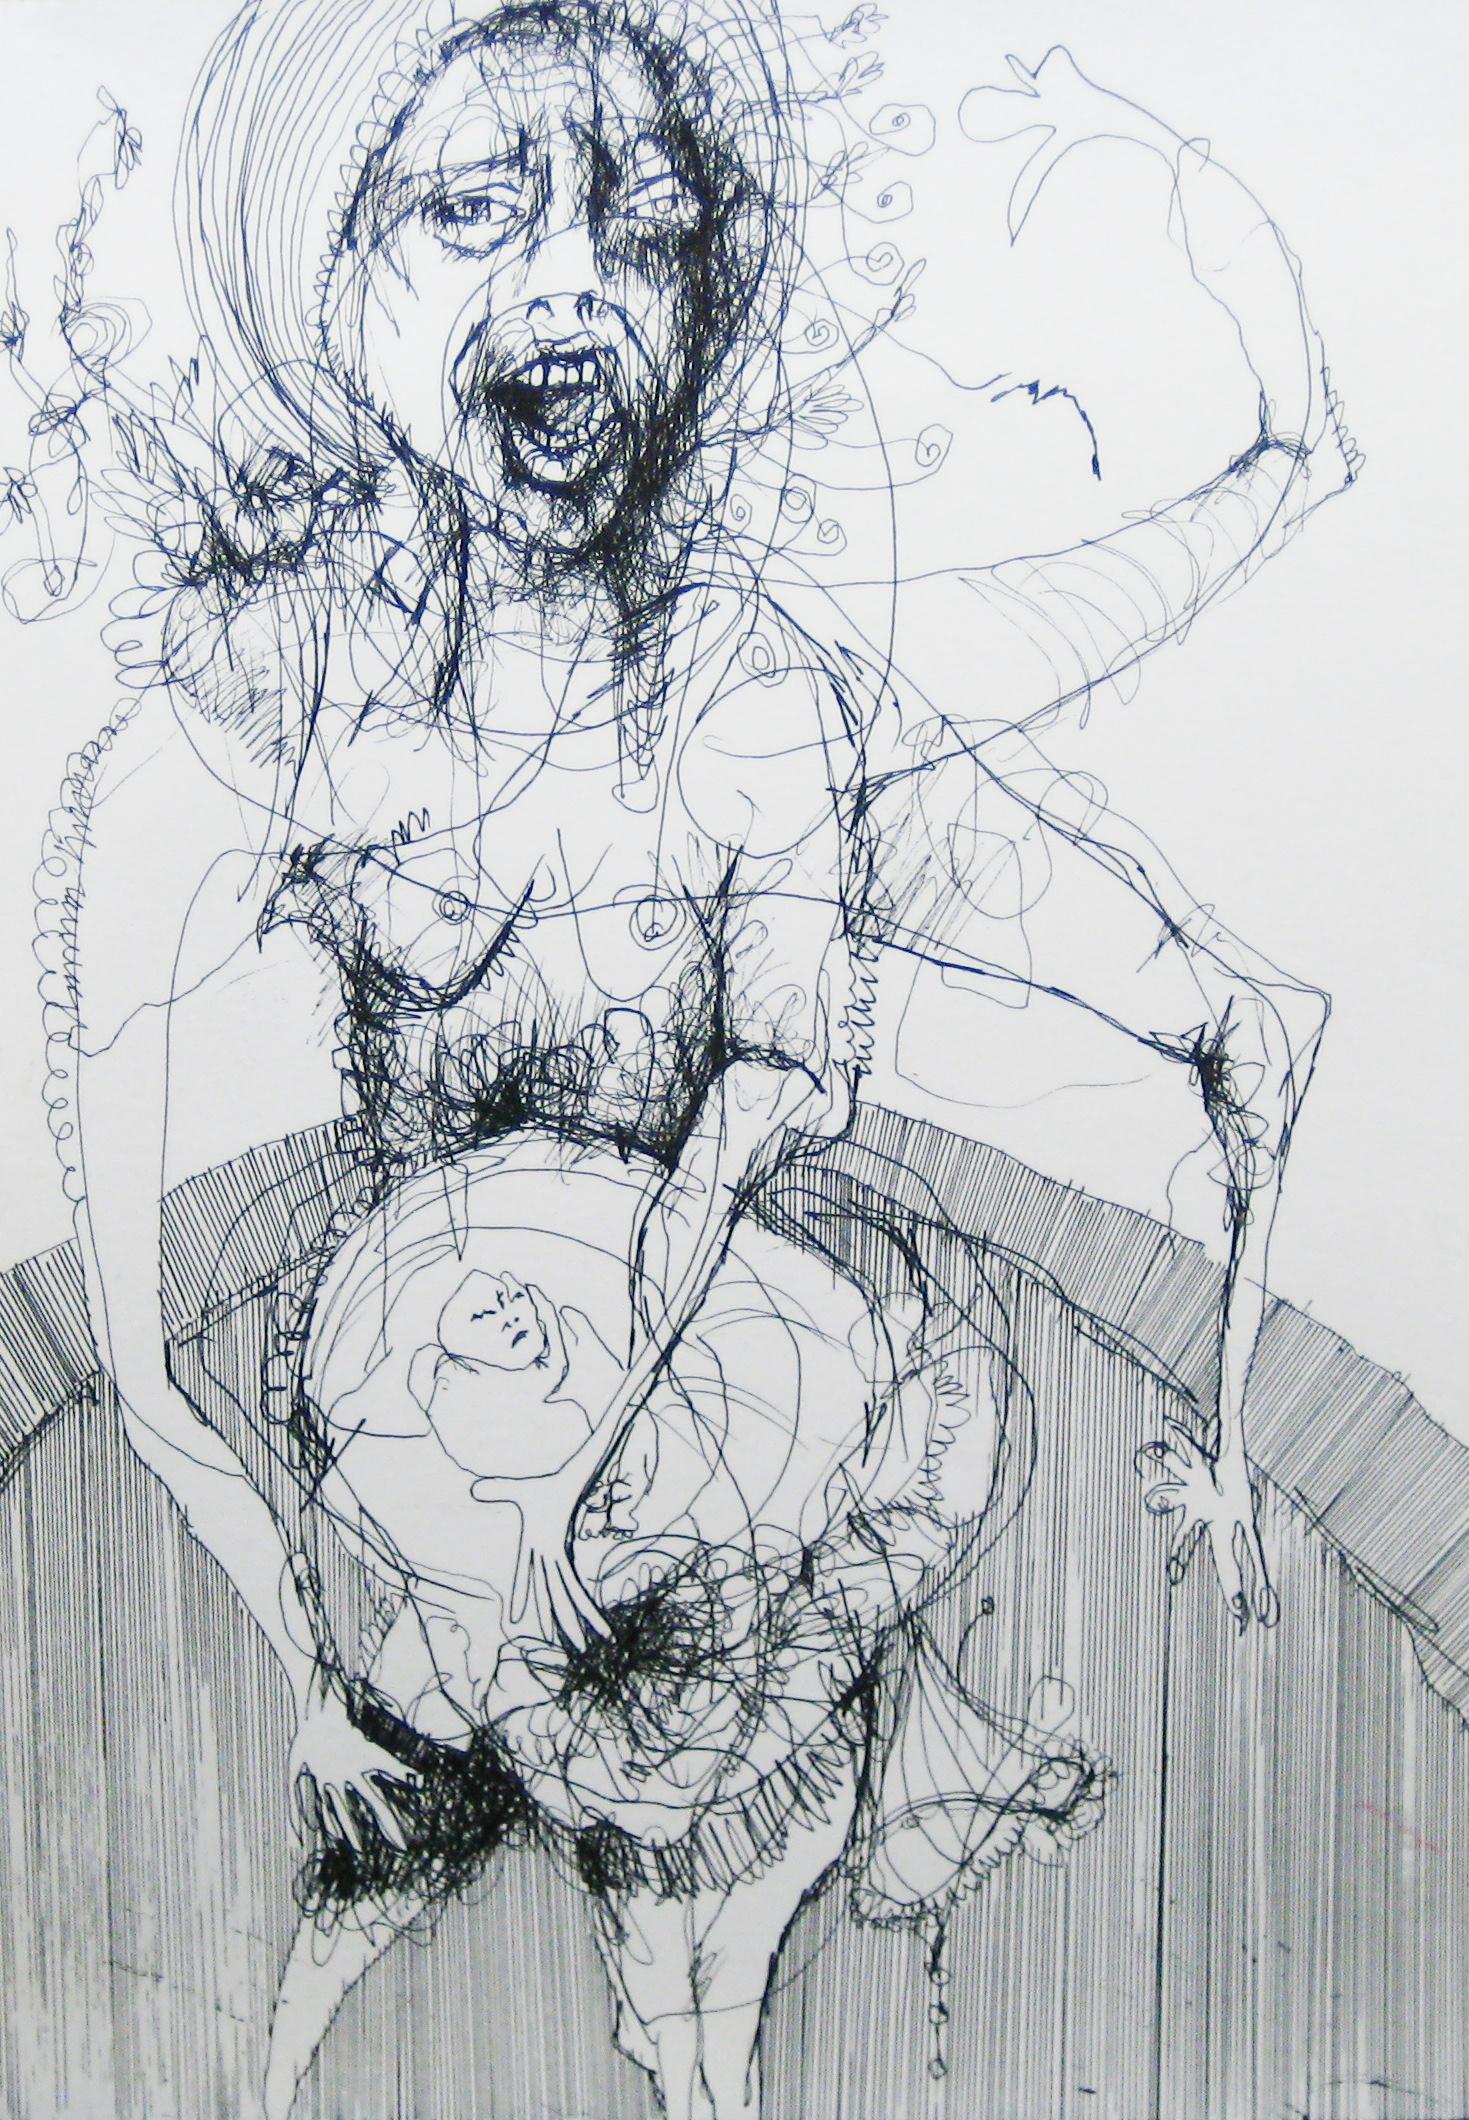 2012-Zeichnung-Sex-55-schwangerschaft-baby-arme-Luisa-Pohlmann-Kunst-Berlin